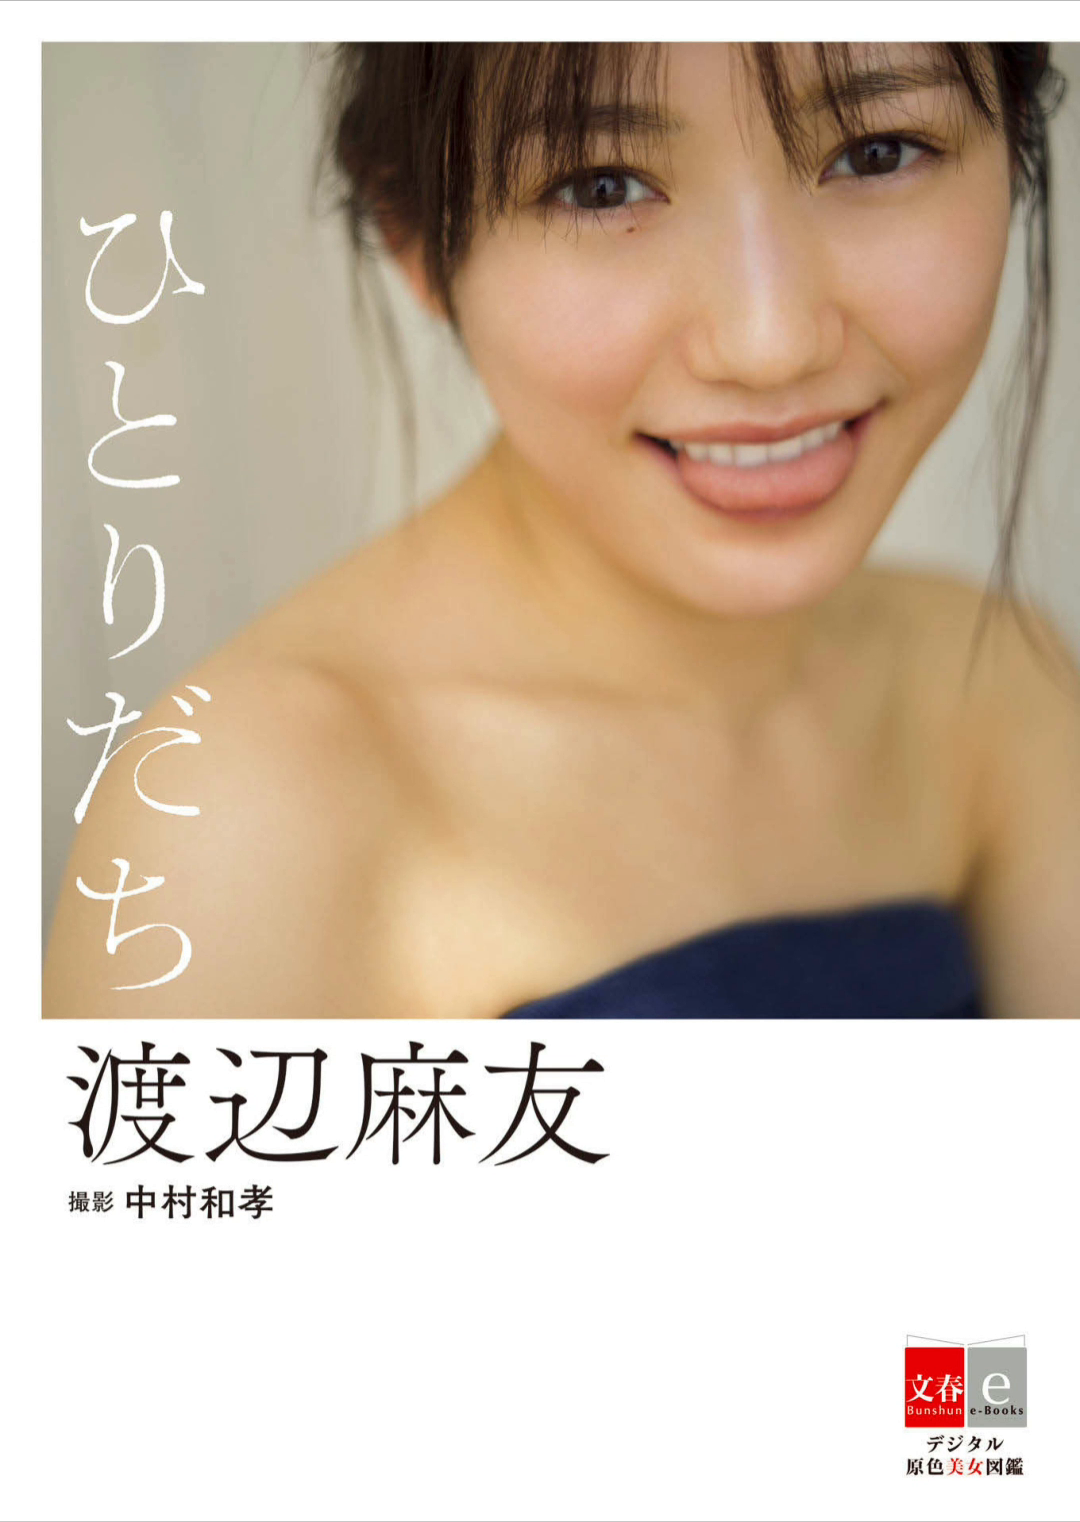 渡边麻友 AKB48 写真